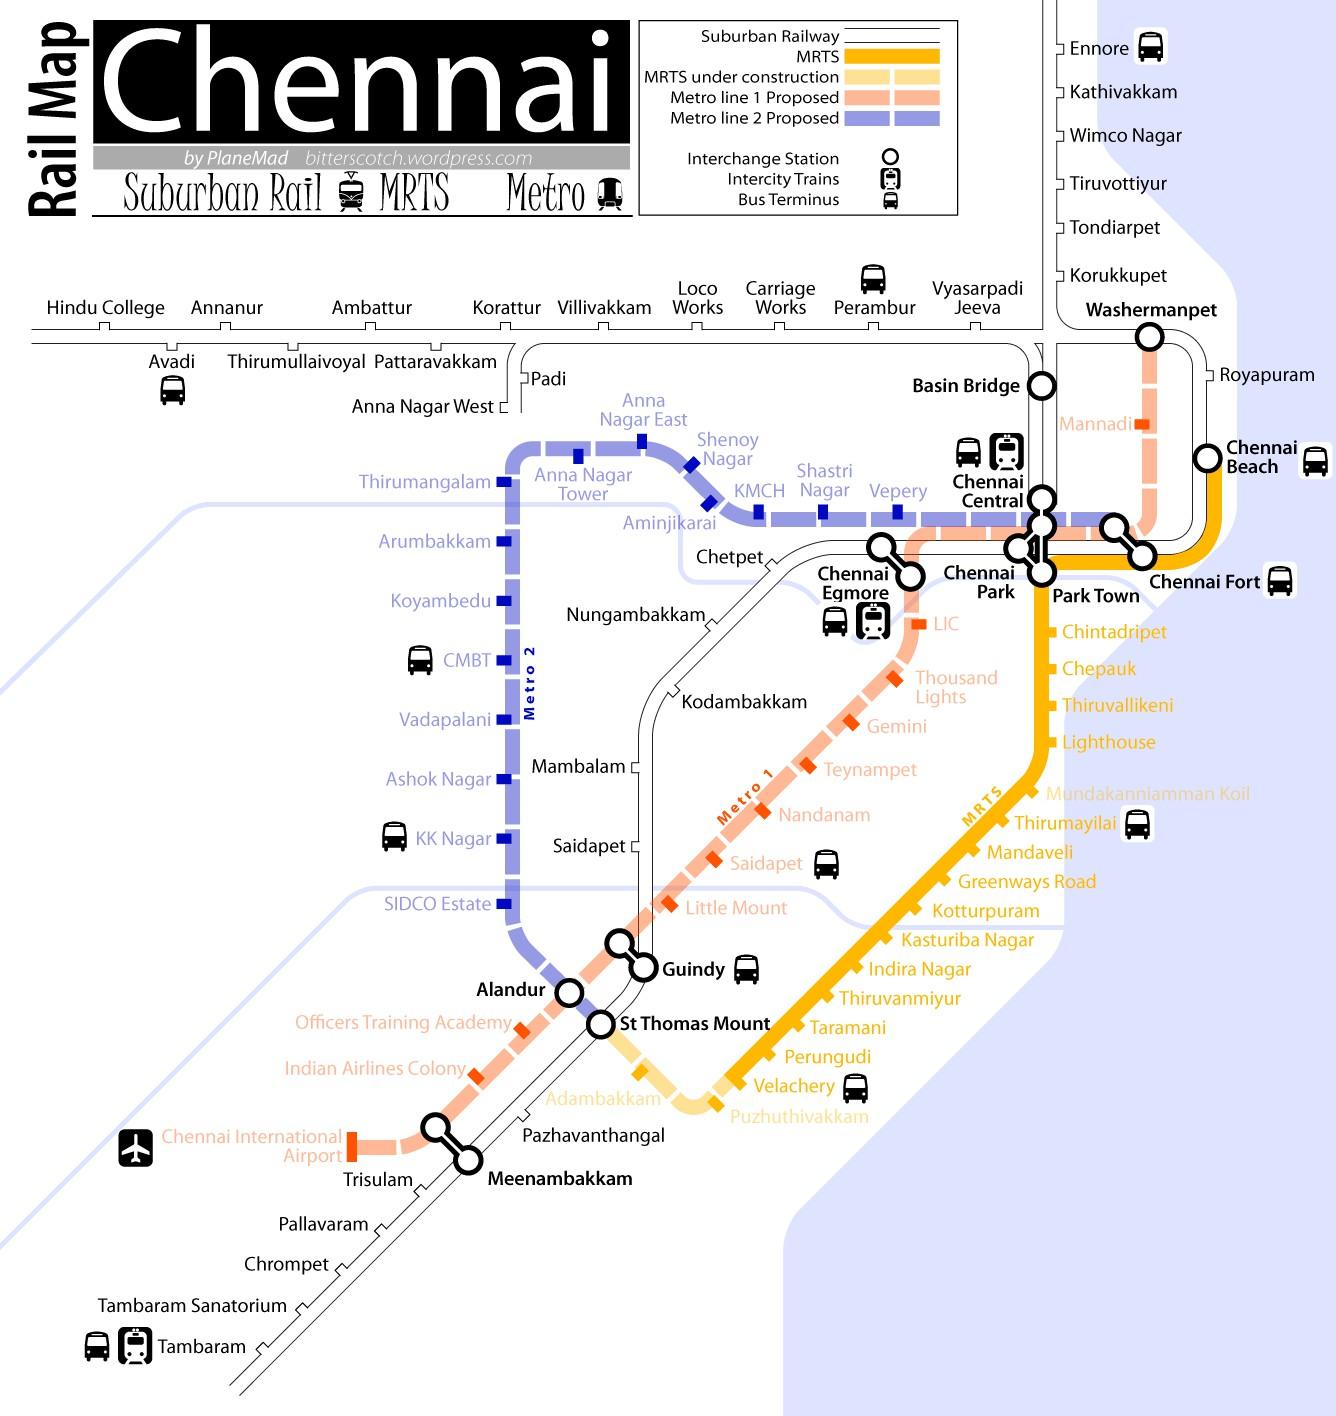 Fish aquarium in vadapalani - Chennai Rail Map Suburban Mrts 1